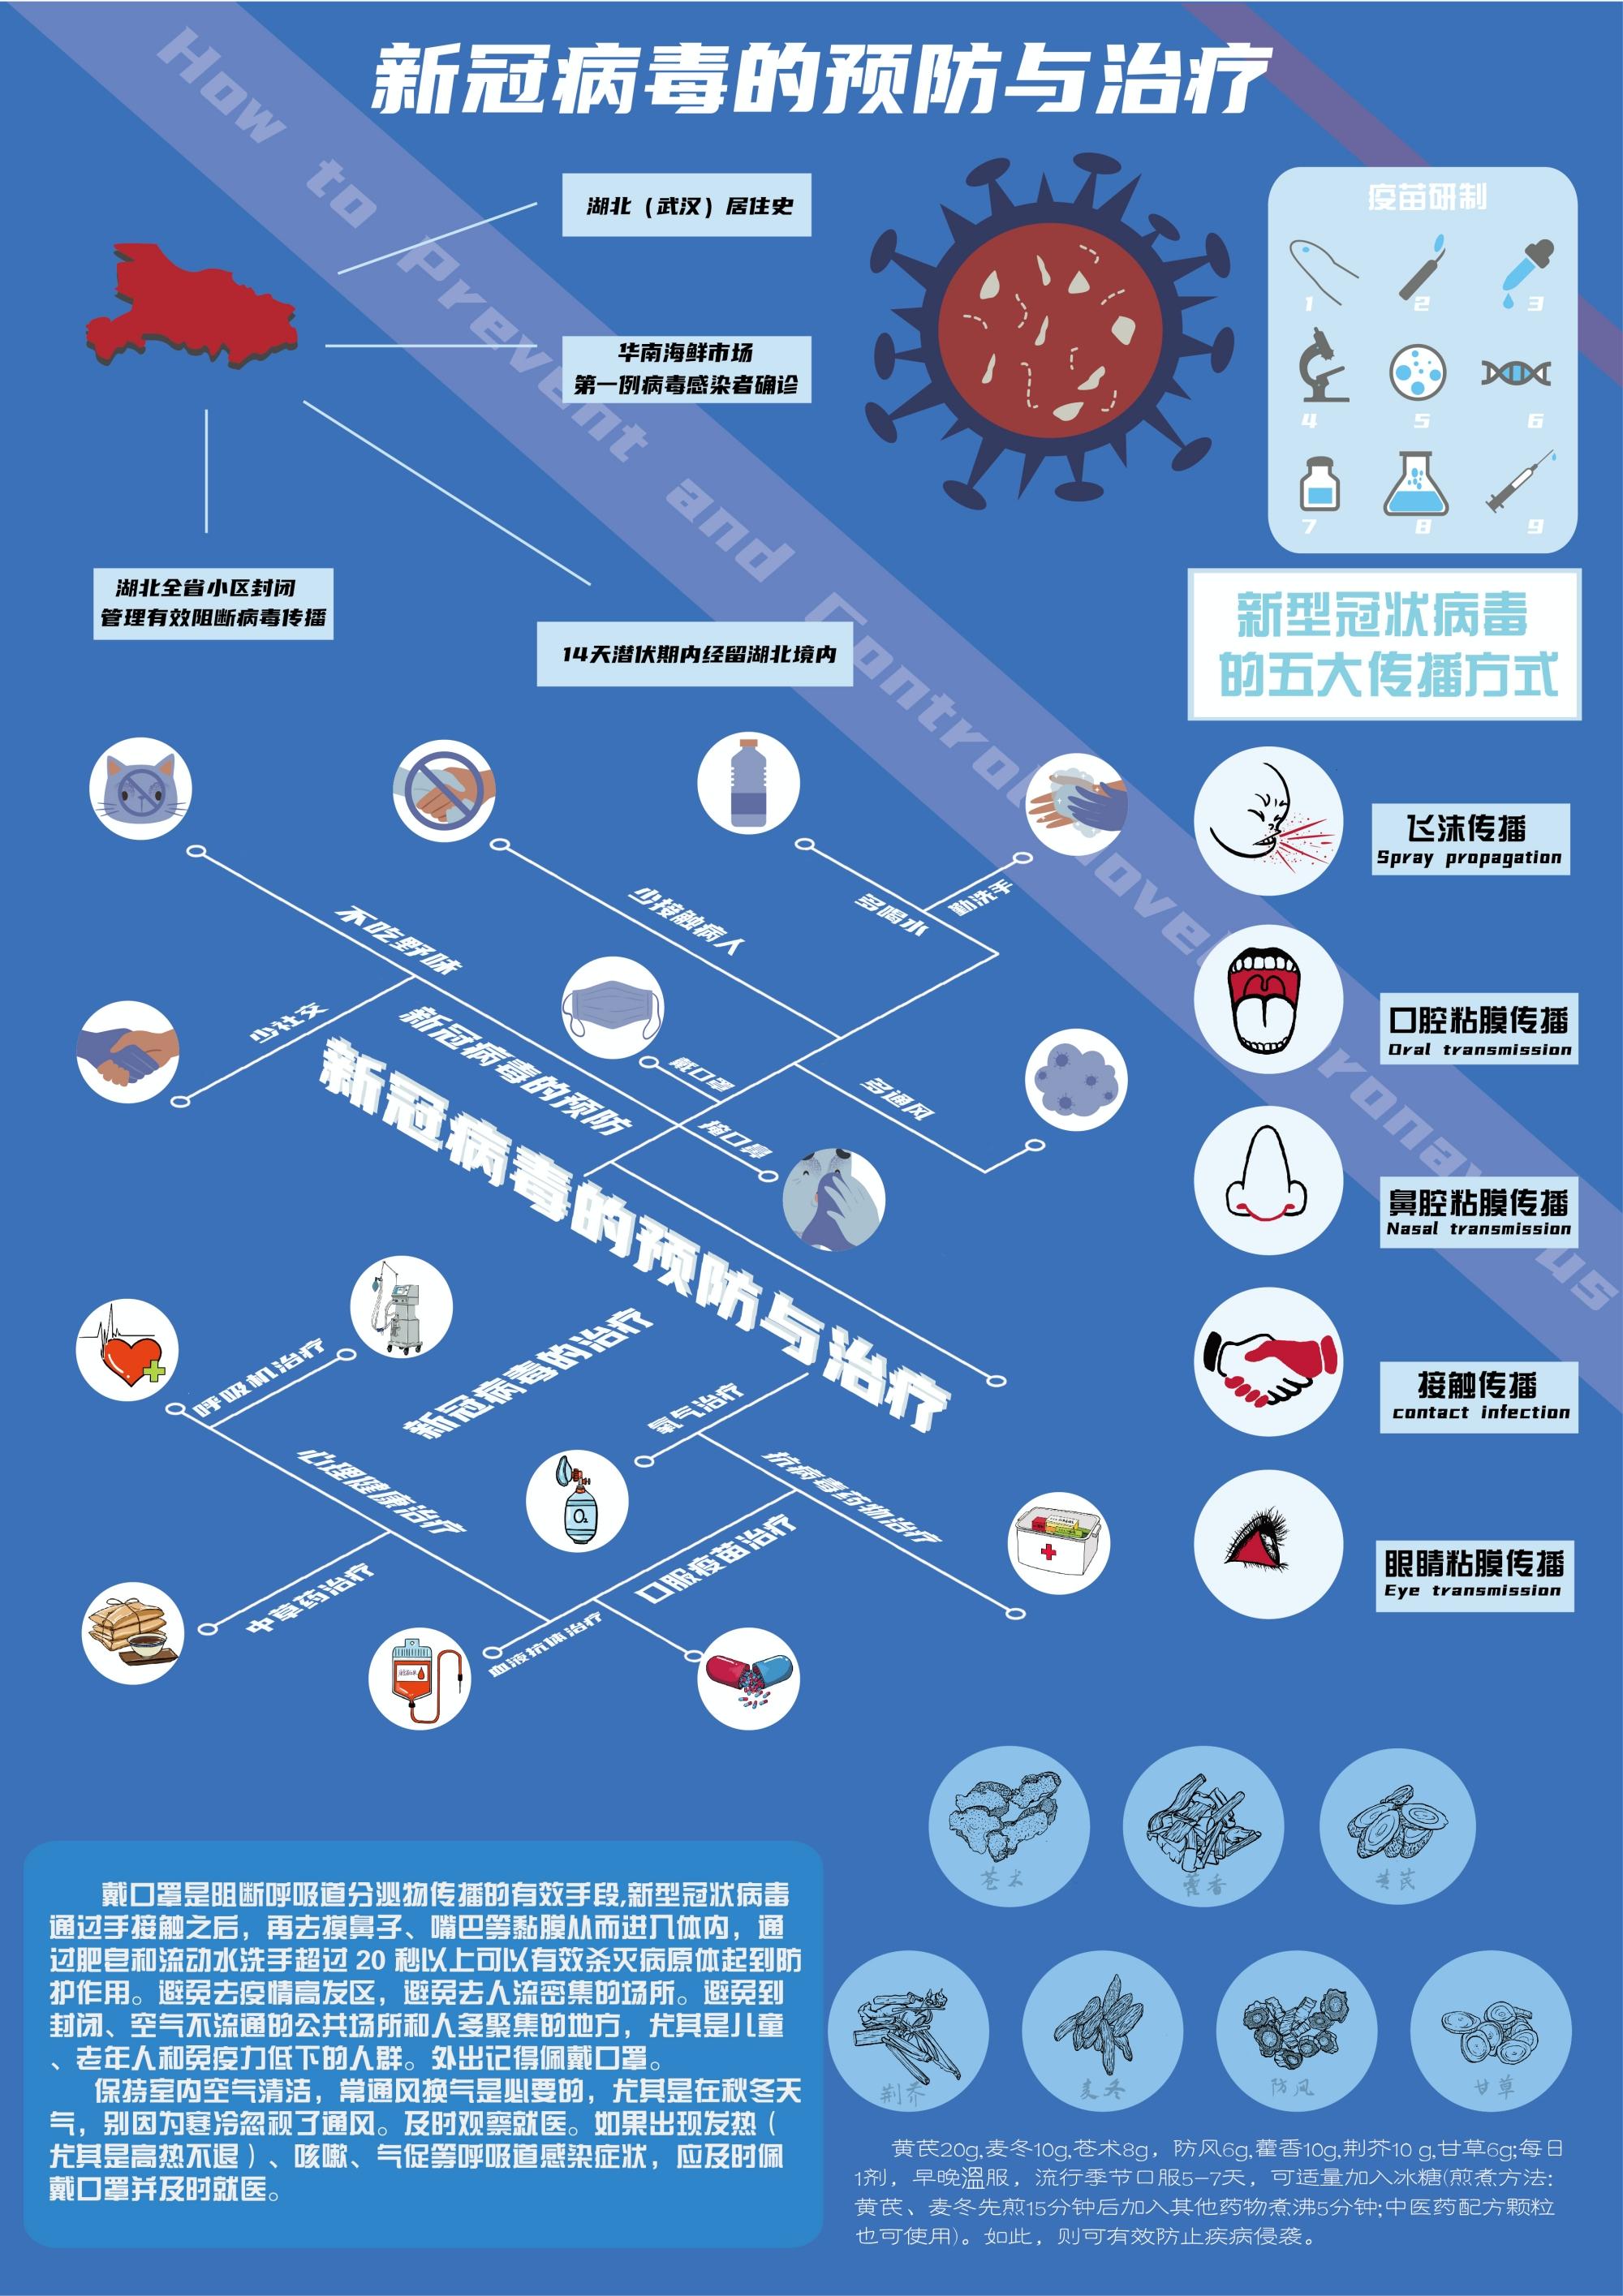 新型冠状病毒的临床表现+新冠病毒的预防与治疗(设计者:刘婷、闫大壮、王帅艮、贺芝瑞)